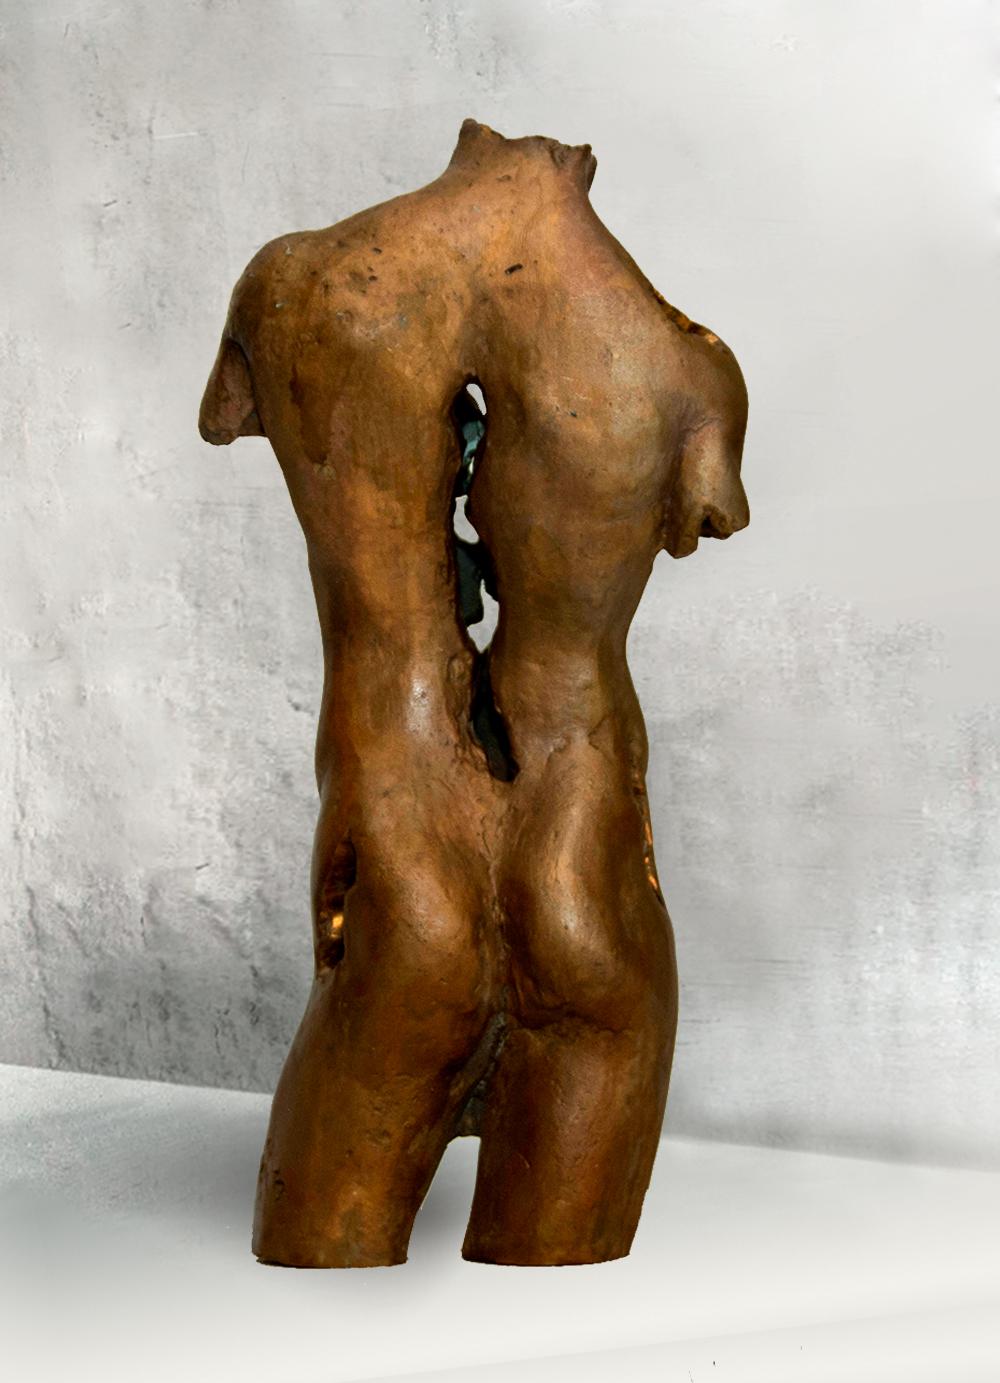 Escultura-Torso-Masculino-Bronce-C-C.Danone-RD.Escultor